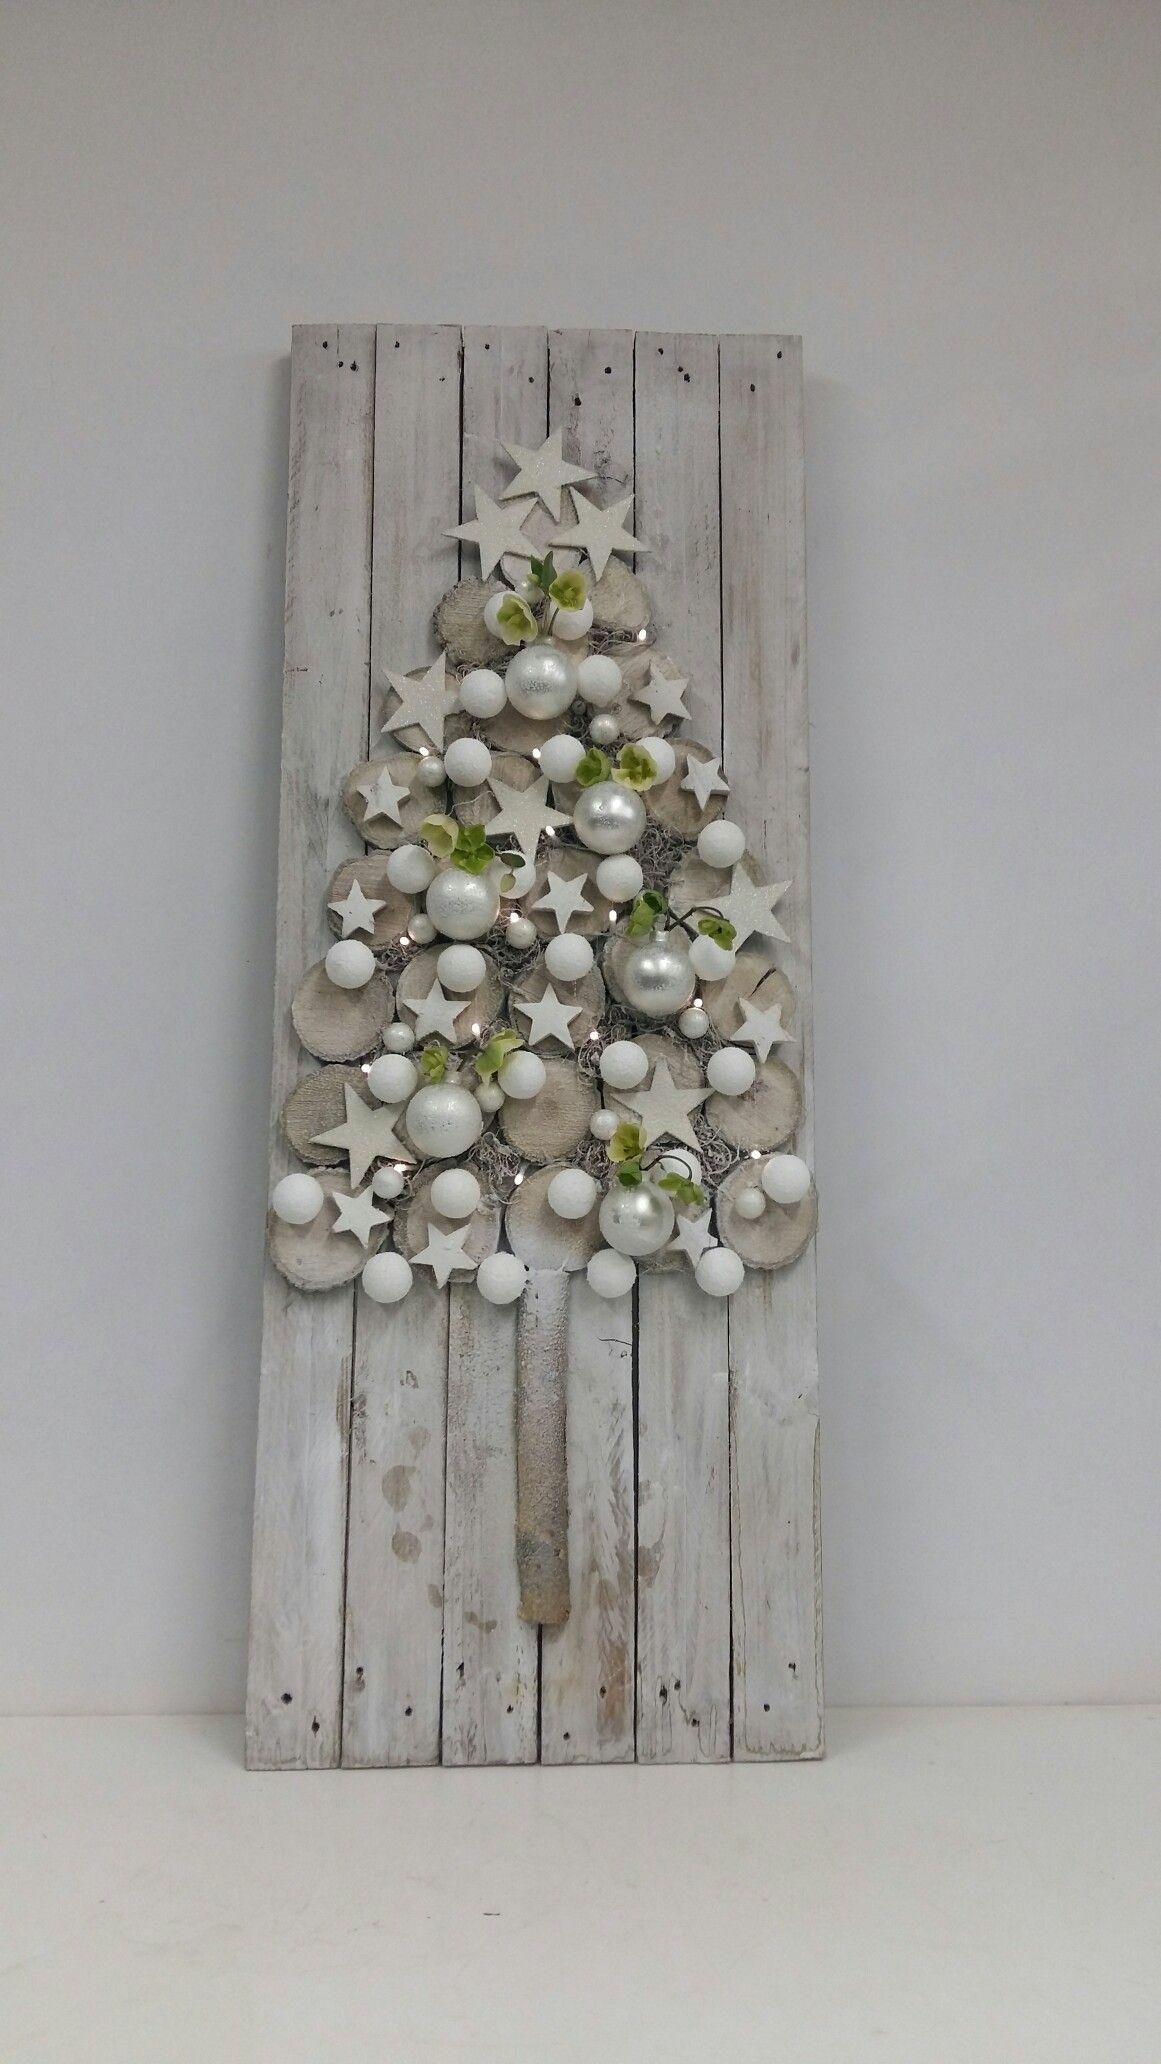 weiße Weihnachten - White Christmas decor